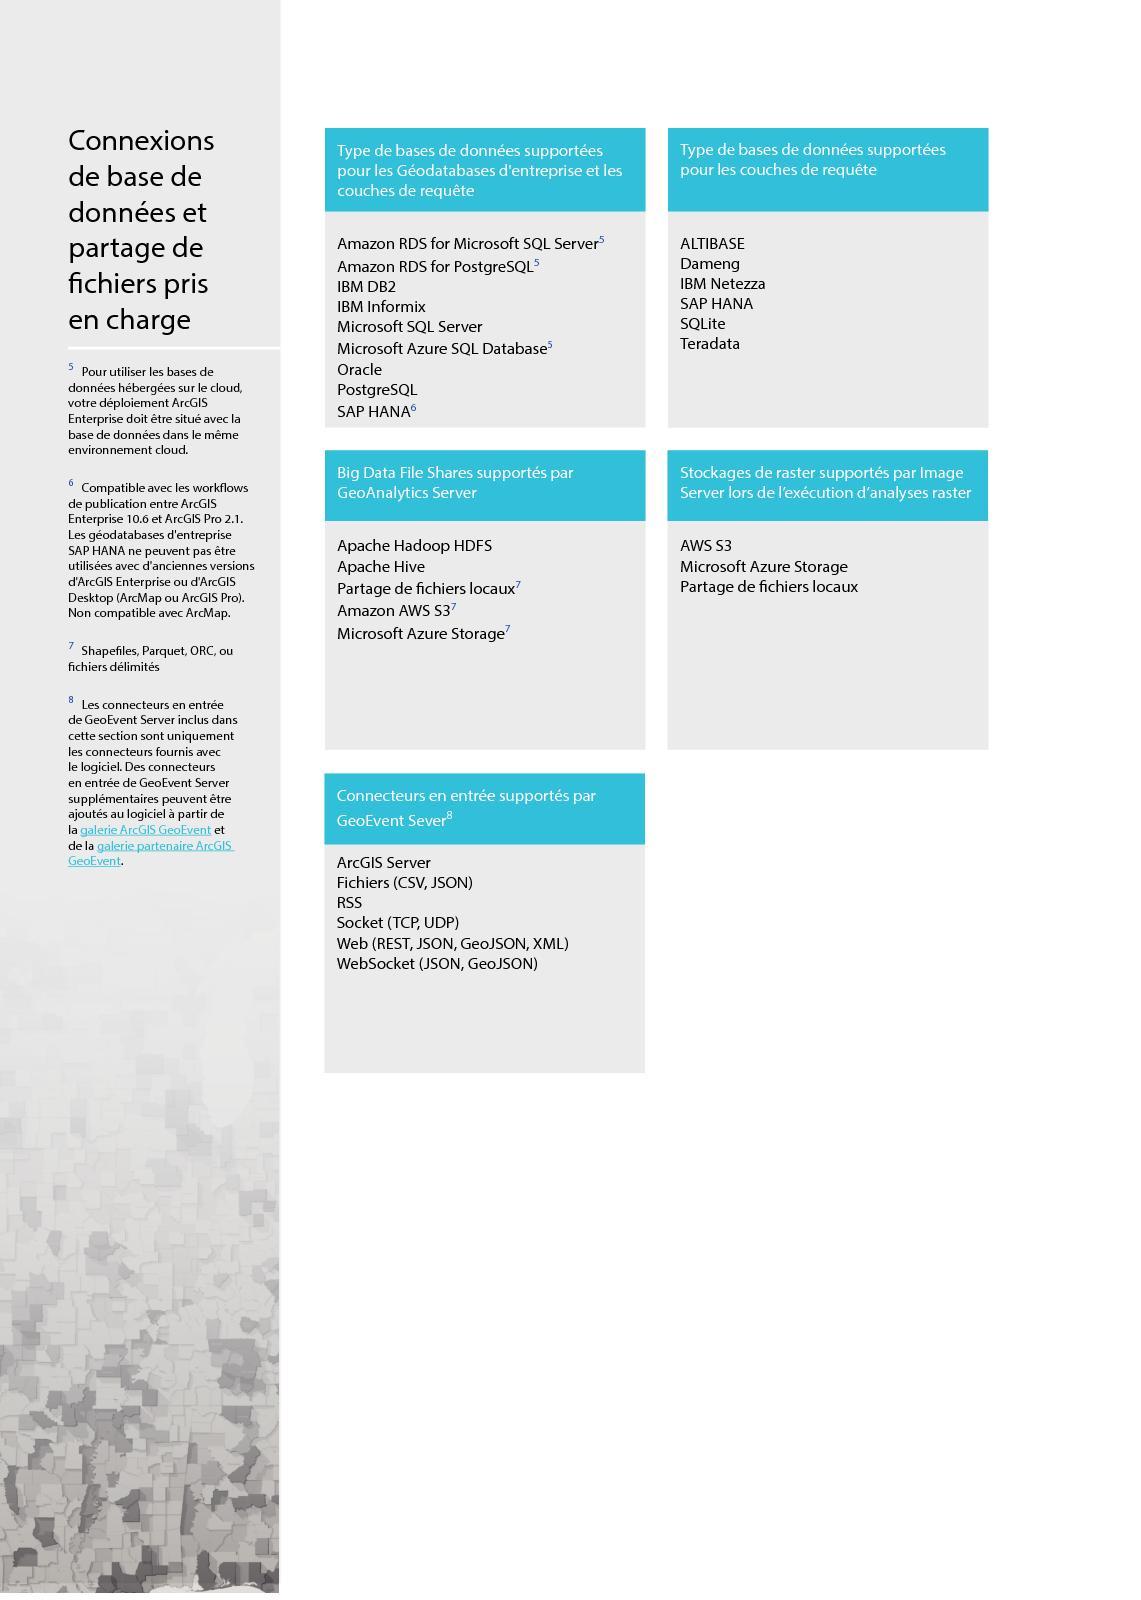 2017 ArcGIS Enterprise Matrice des fonctionnalités - CALAMEO